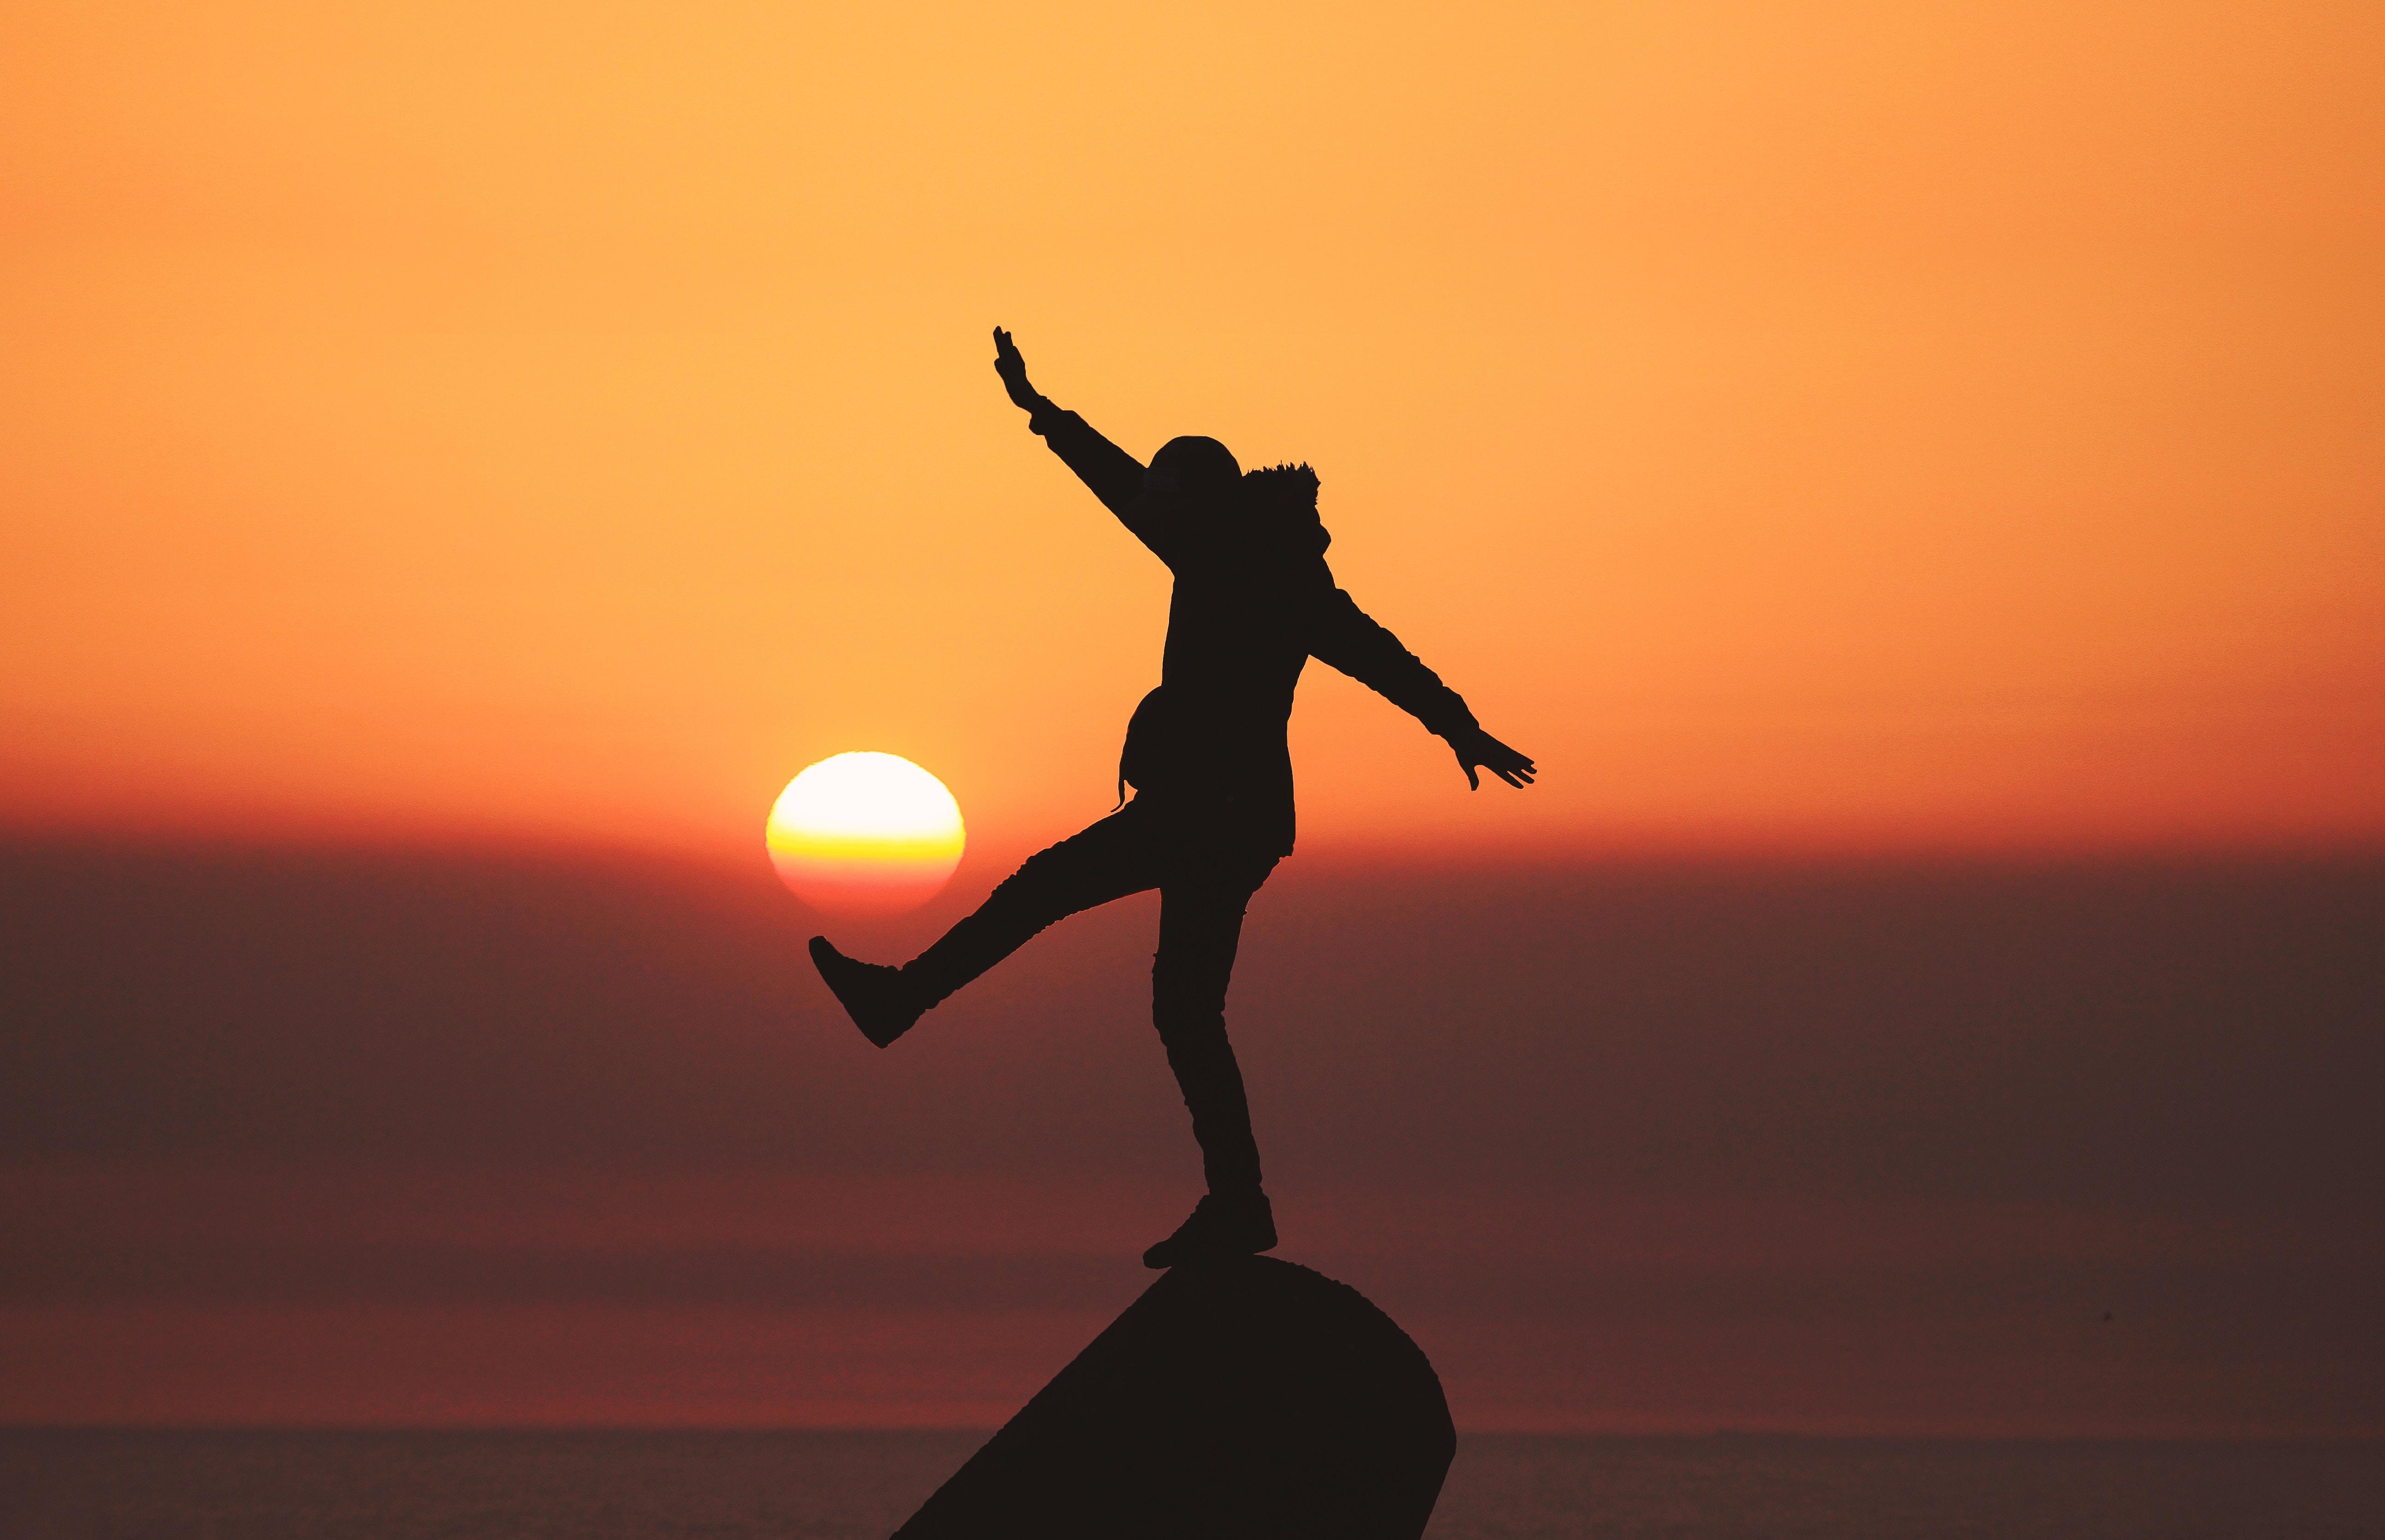 กำลังใจ ความหวัง สิ้นหวัง สร้างความมั่นใจ